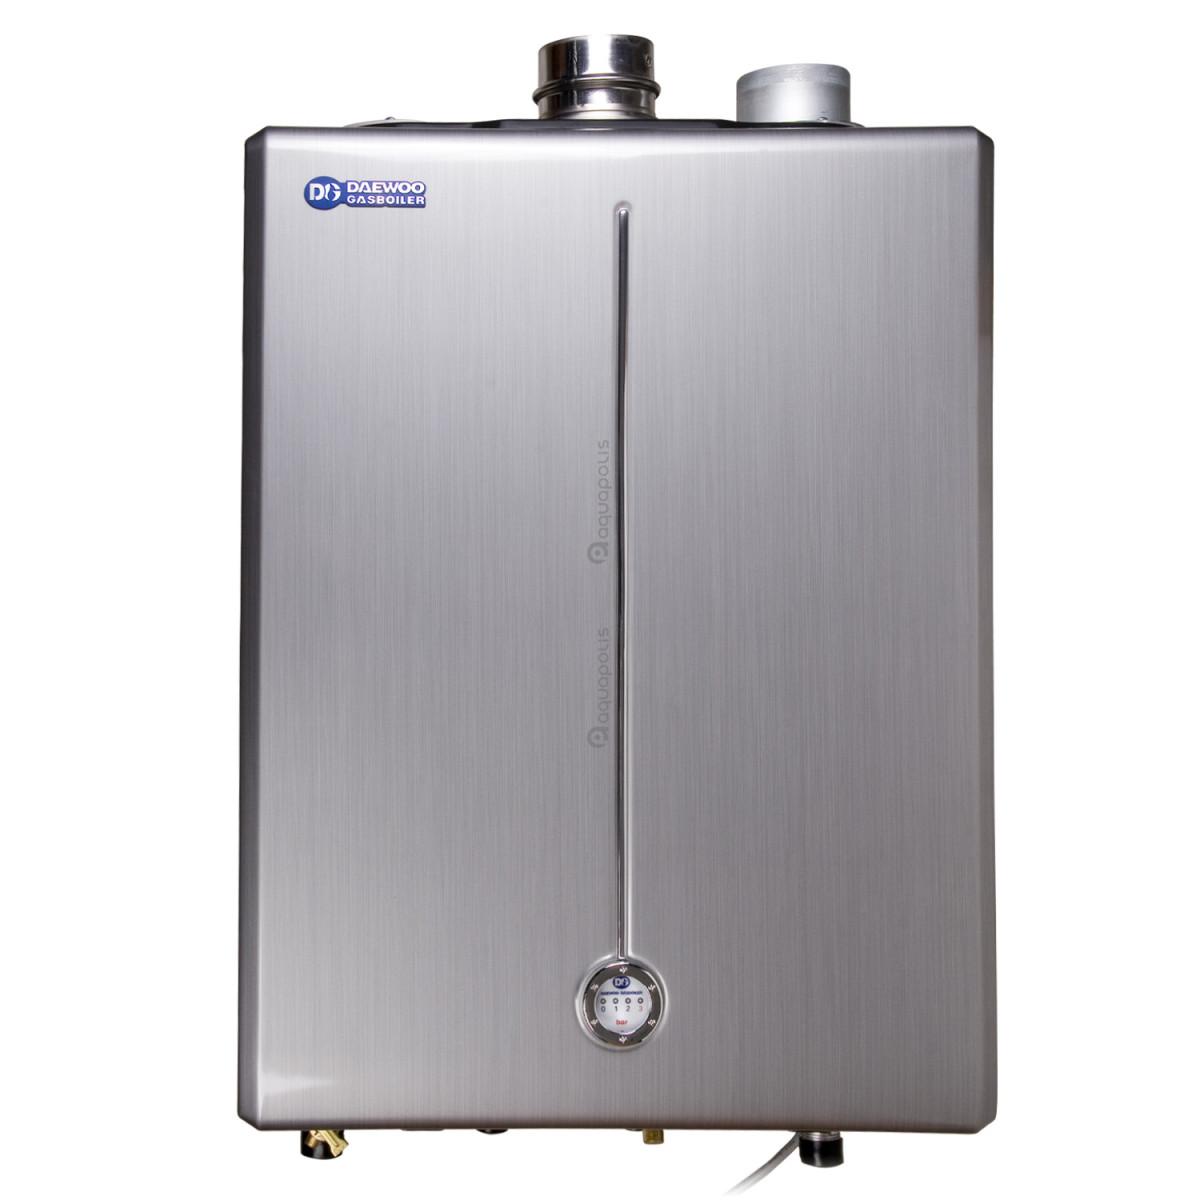 Газовый конденсационный котел Daewoo DGB-300 MES